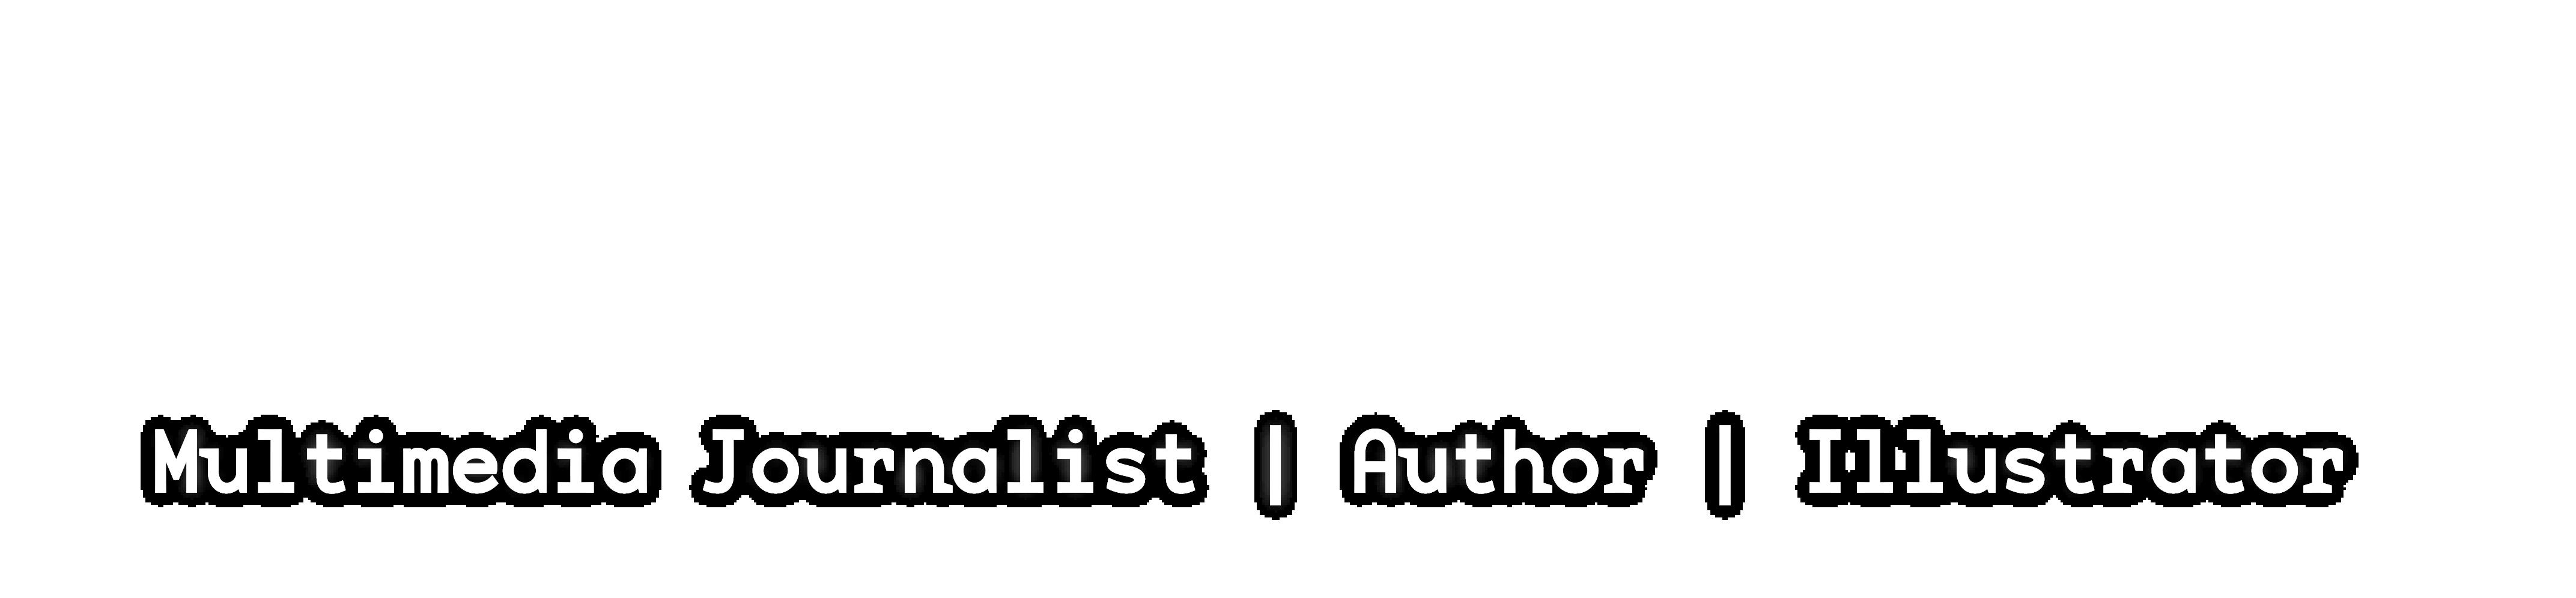 Dennis Nishi journalism homepage